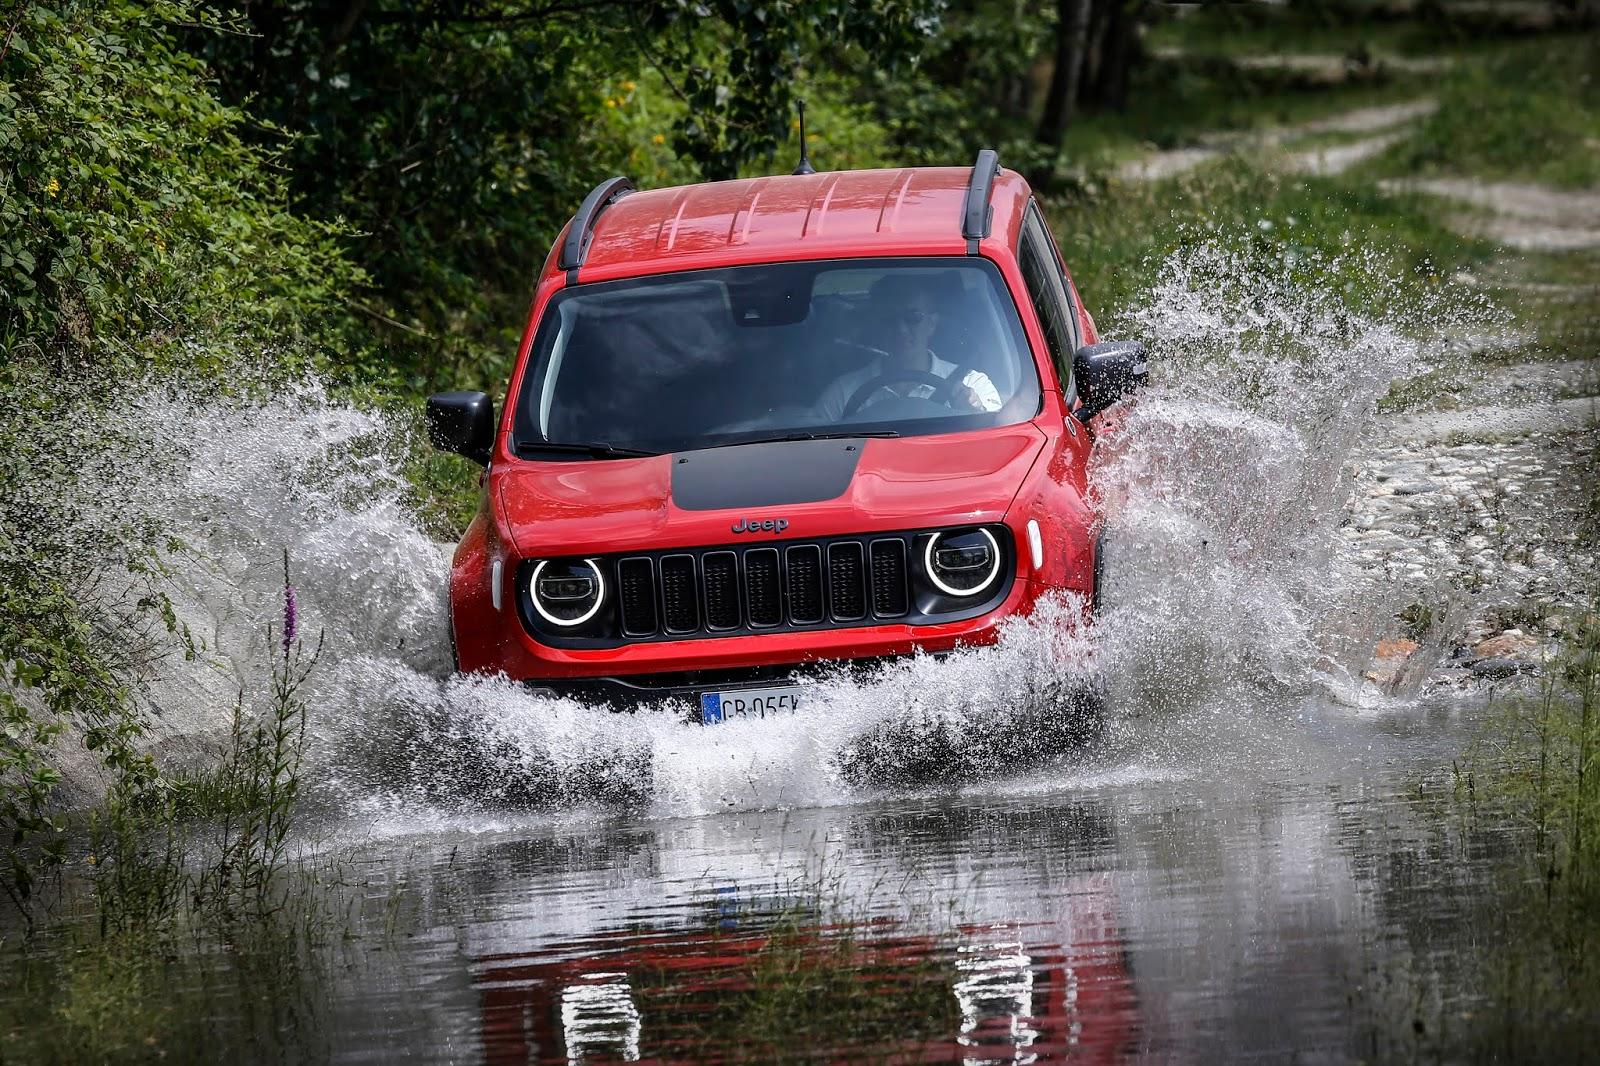 Πετάμε ένα Jeep Renegade σε λάσπες, πέτρες, άμμο, λίμνες. Θα τα καταφέρει; Jeep, Jeep Renegade, Renegade, SUV, TEST, zblog, ΔΟΚΙΜΕΣ